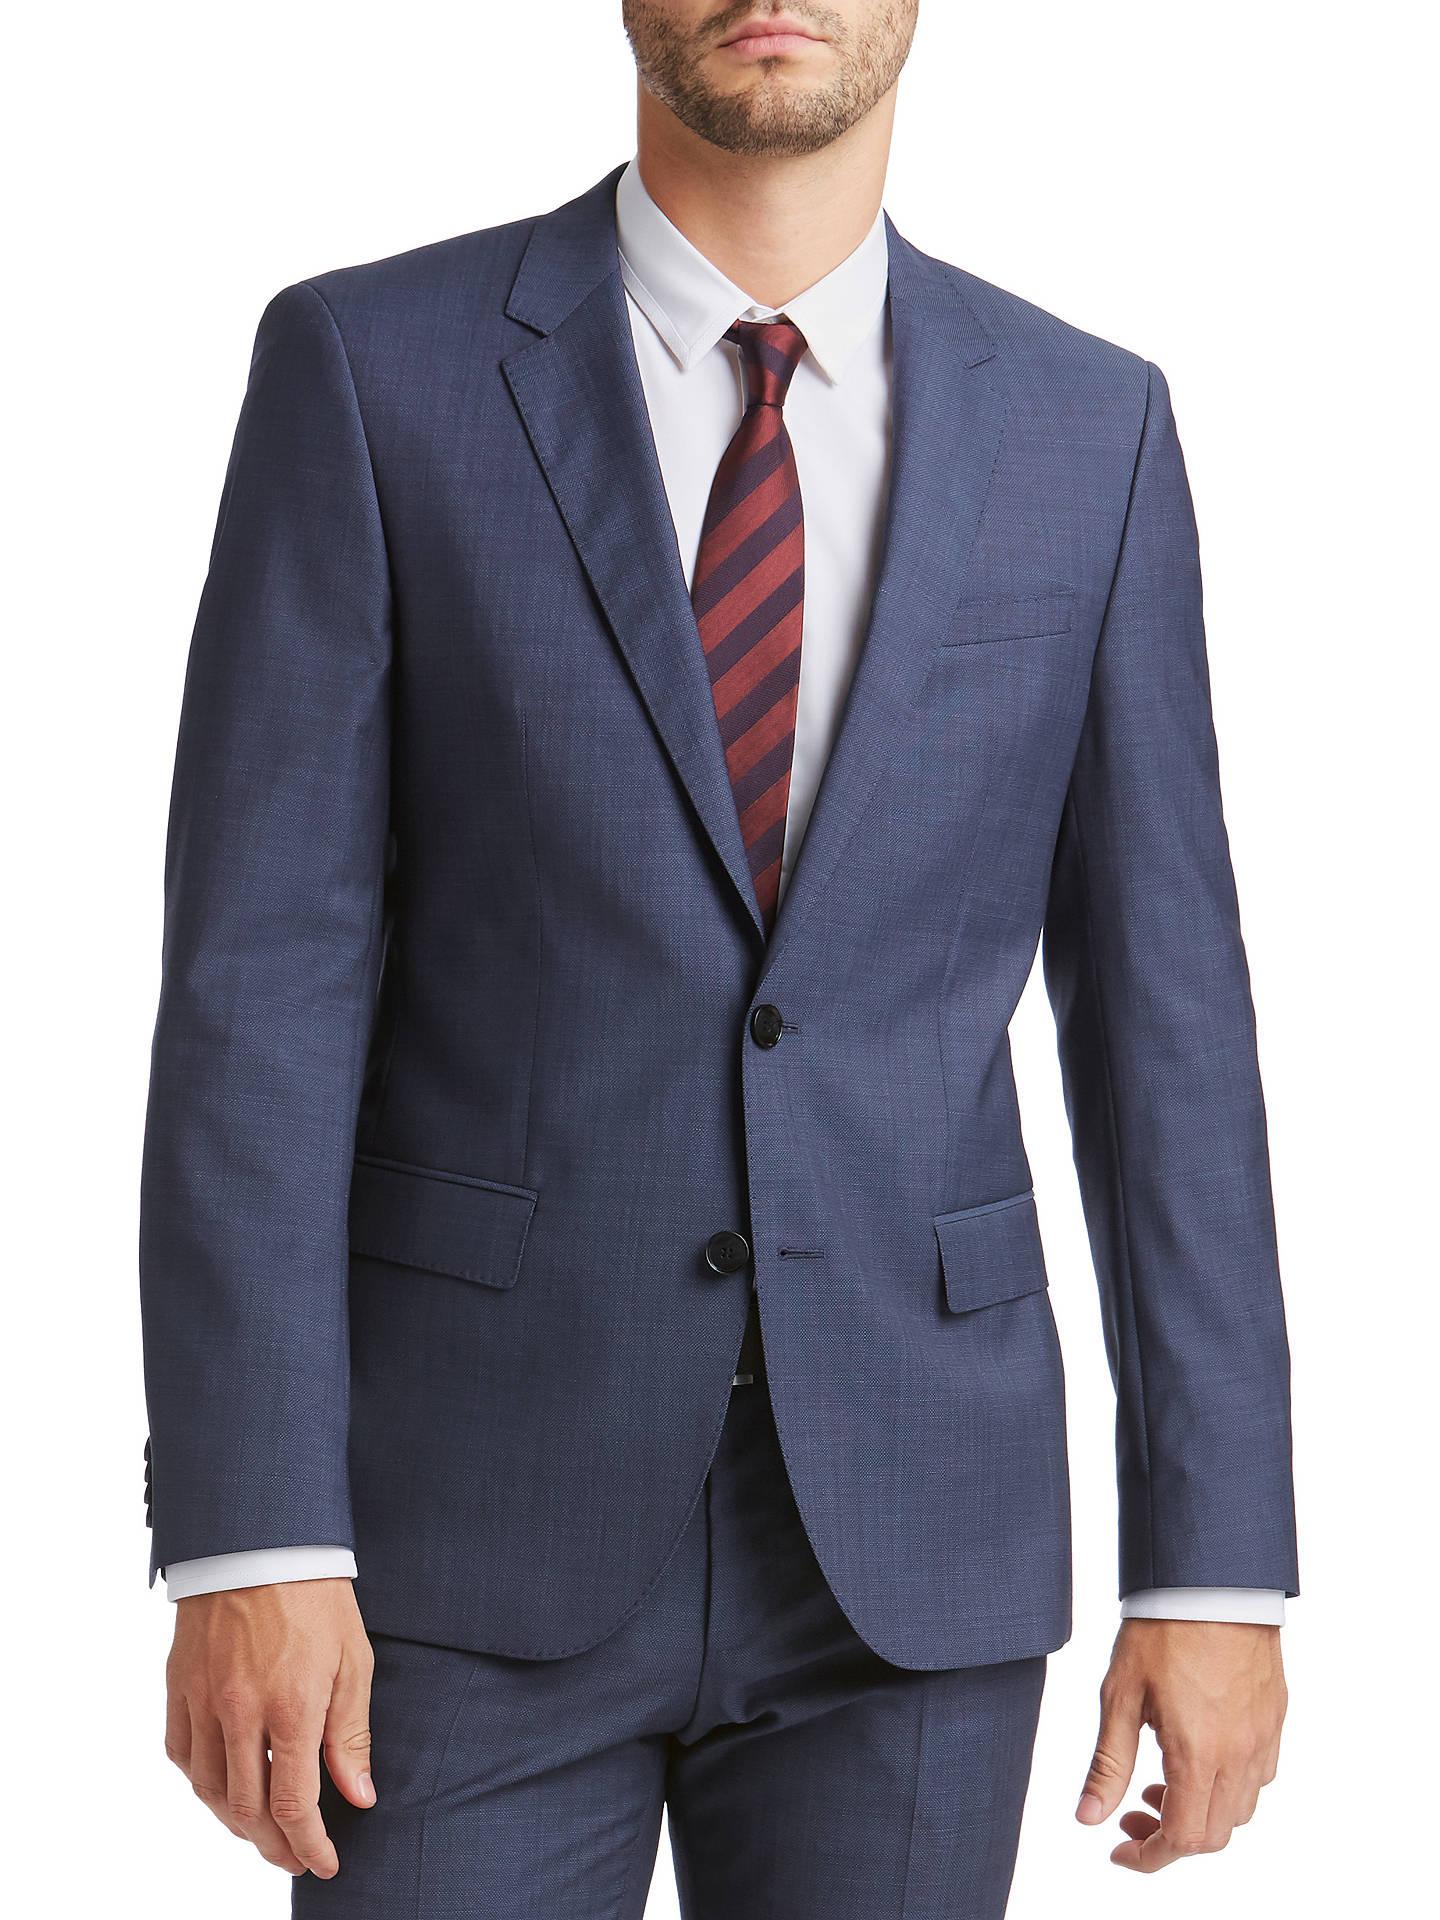 a76f2036cf8 Buy HUGO by Hugo Boss C-Huge Birdseye Slim Fit Suit Jacket